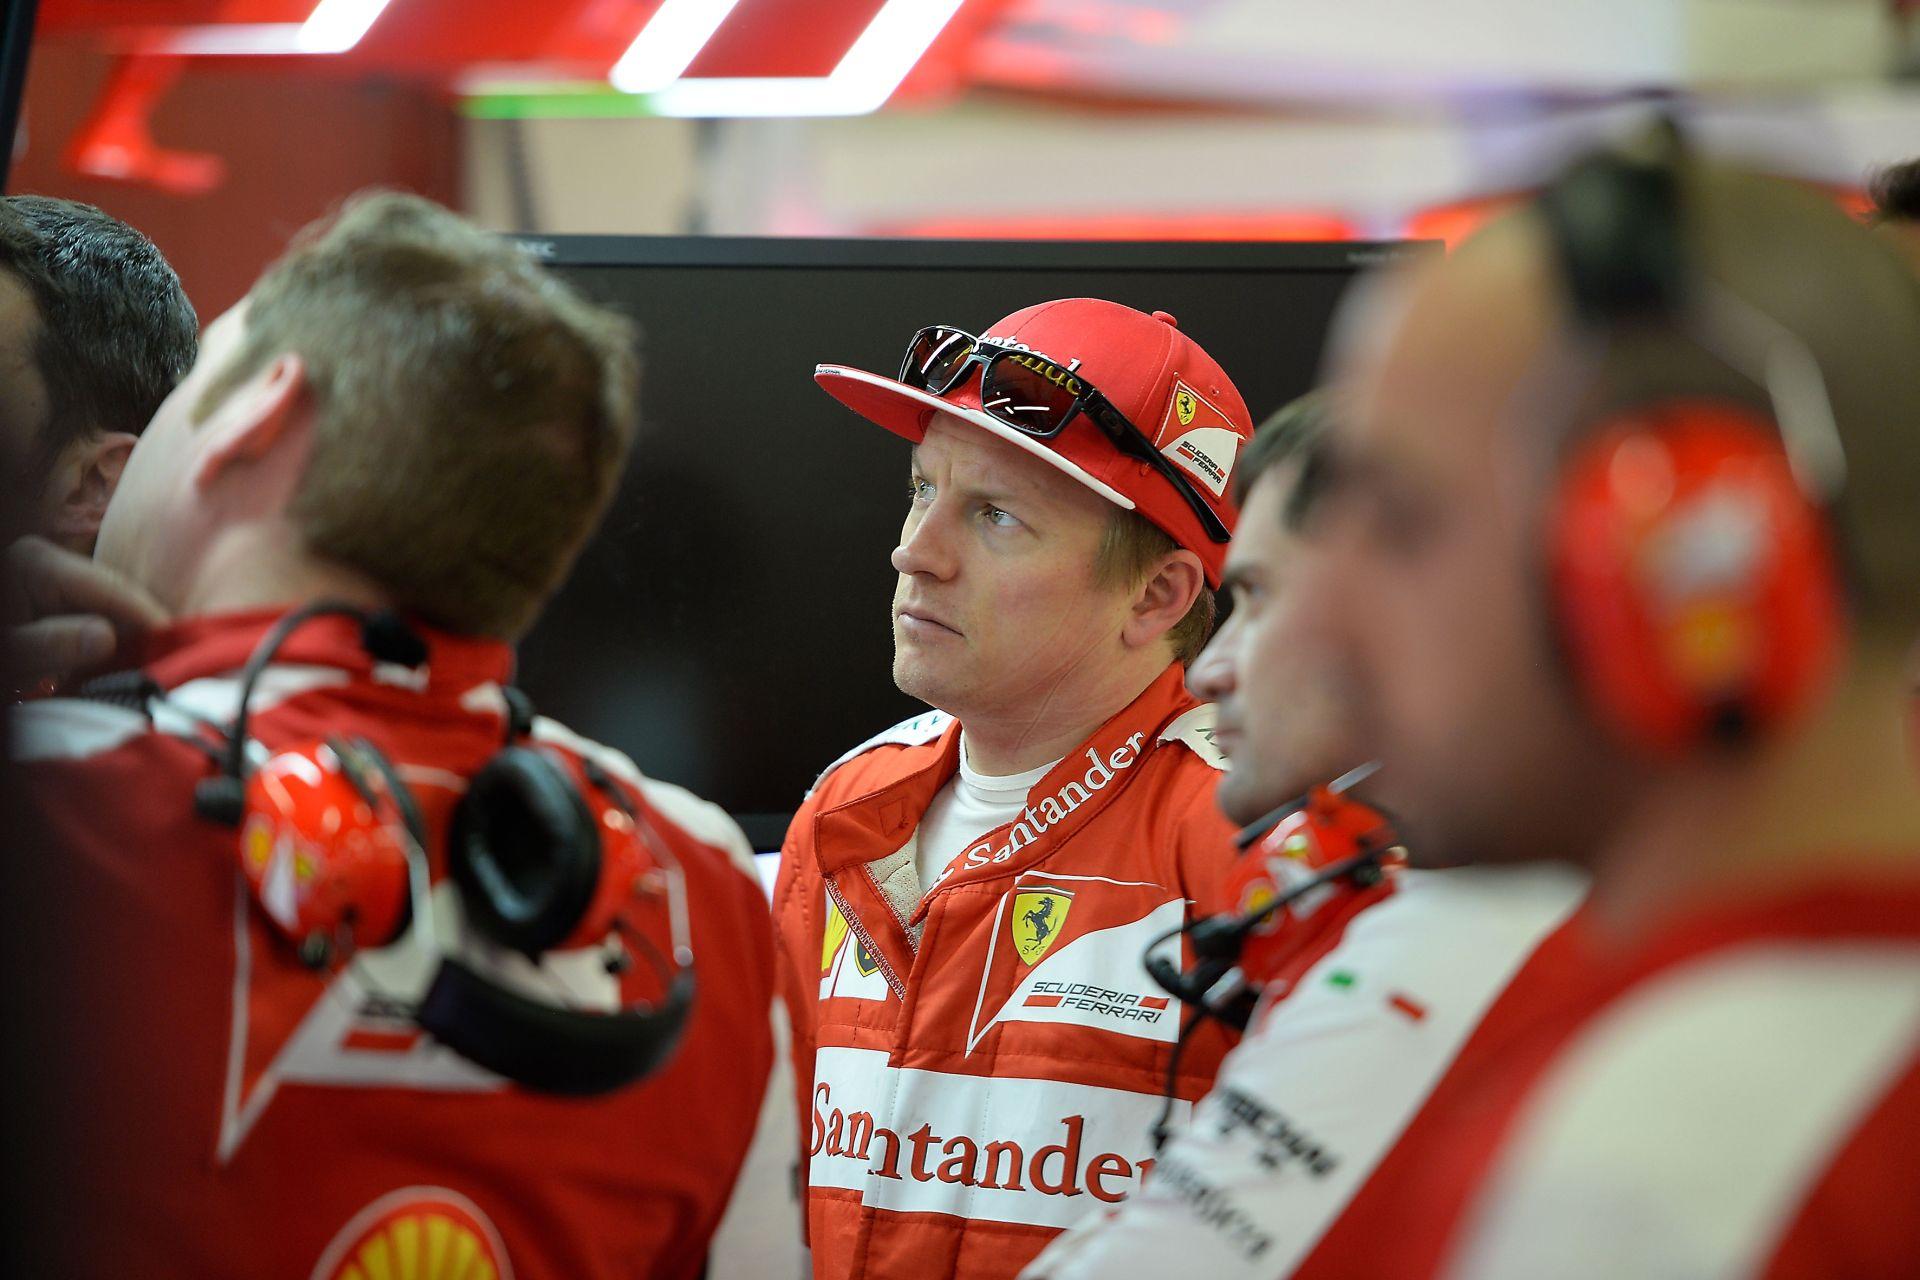 Több mint 2 milliárd eurót költhetett a Ferrari, de Alonsóból így sem tudott háromszoros bajnokot csinálni! Még mindig Raikkönen